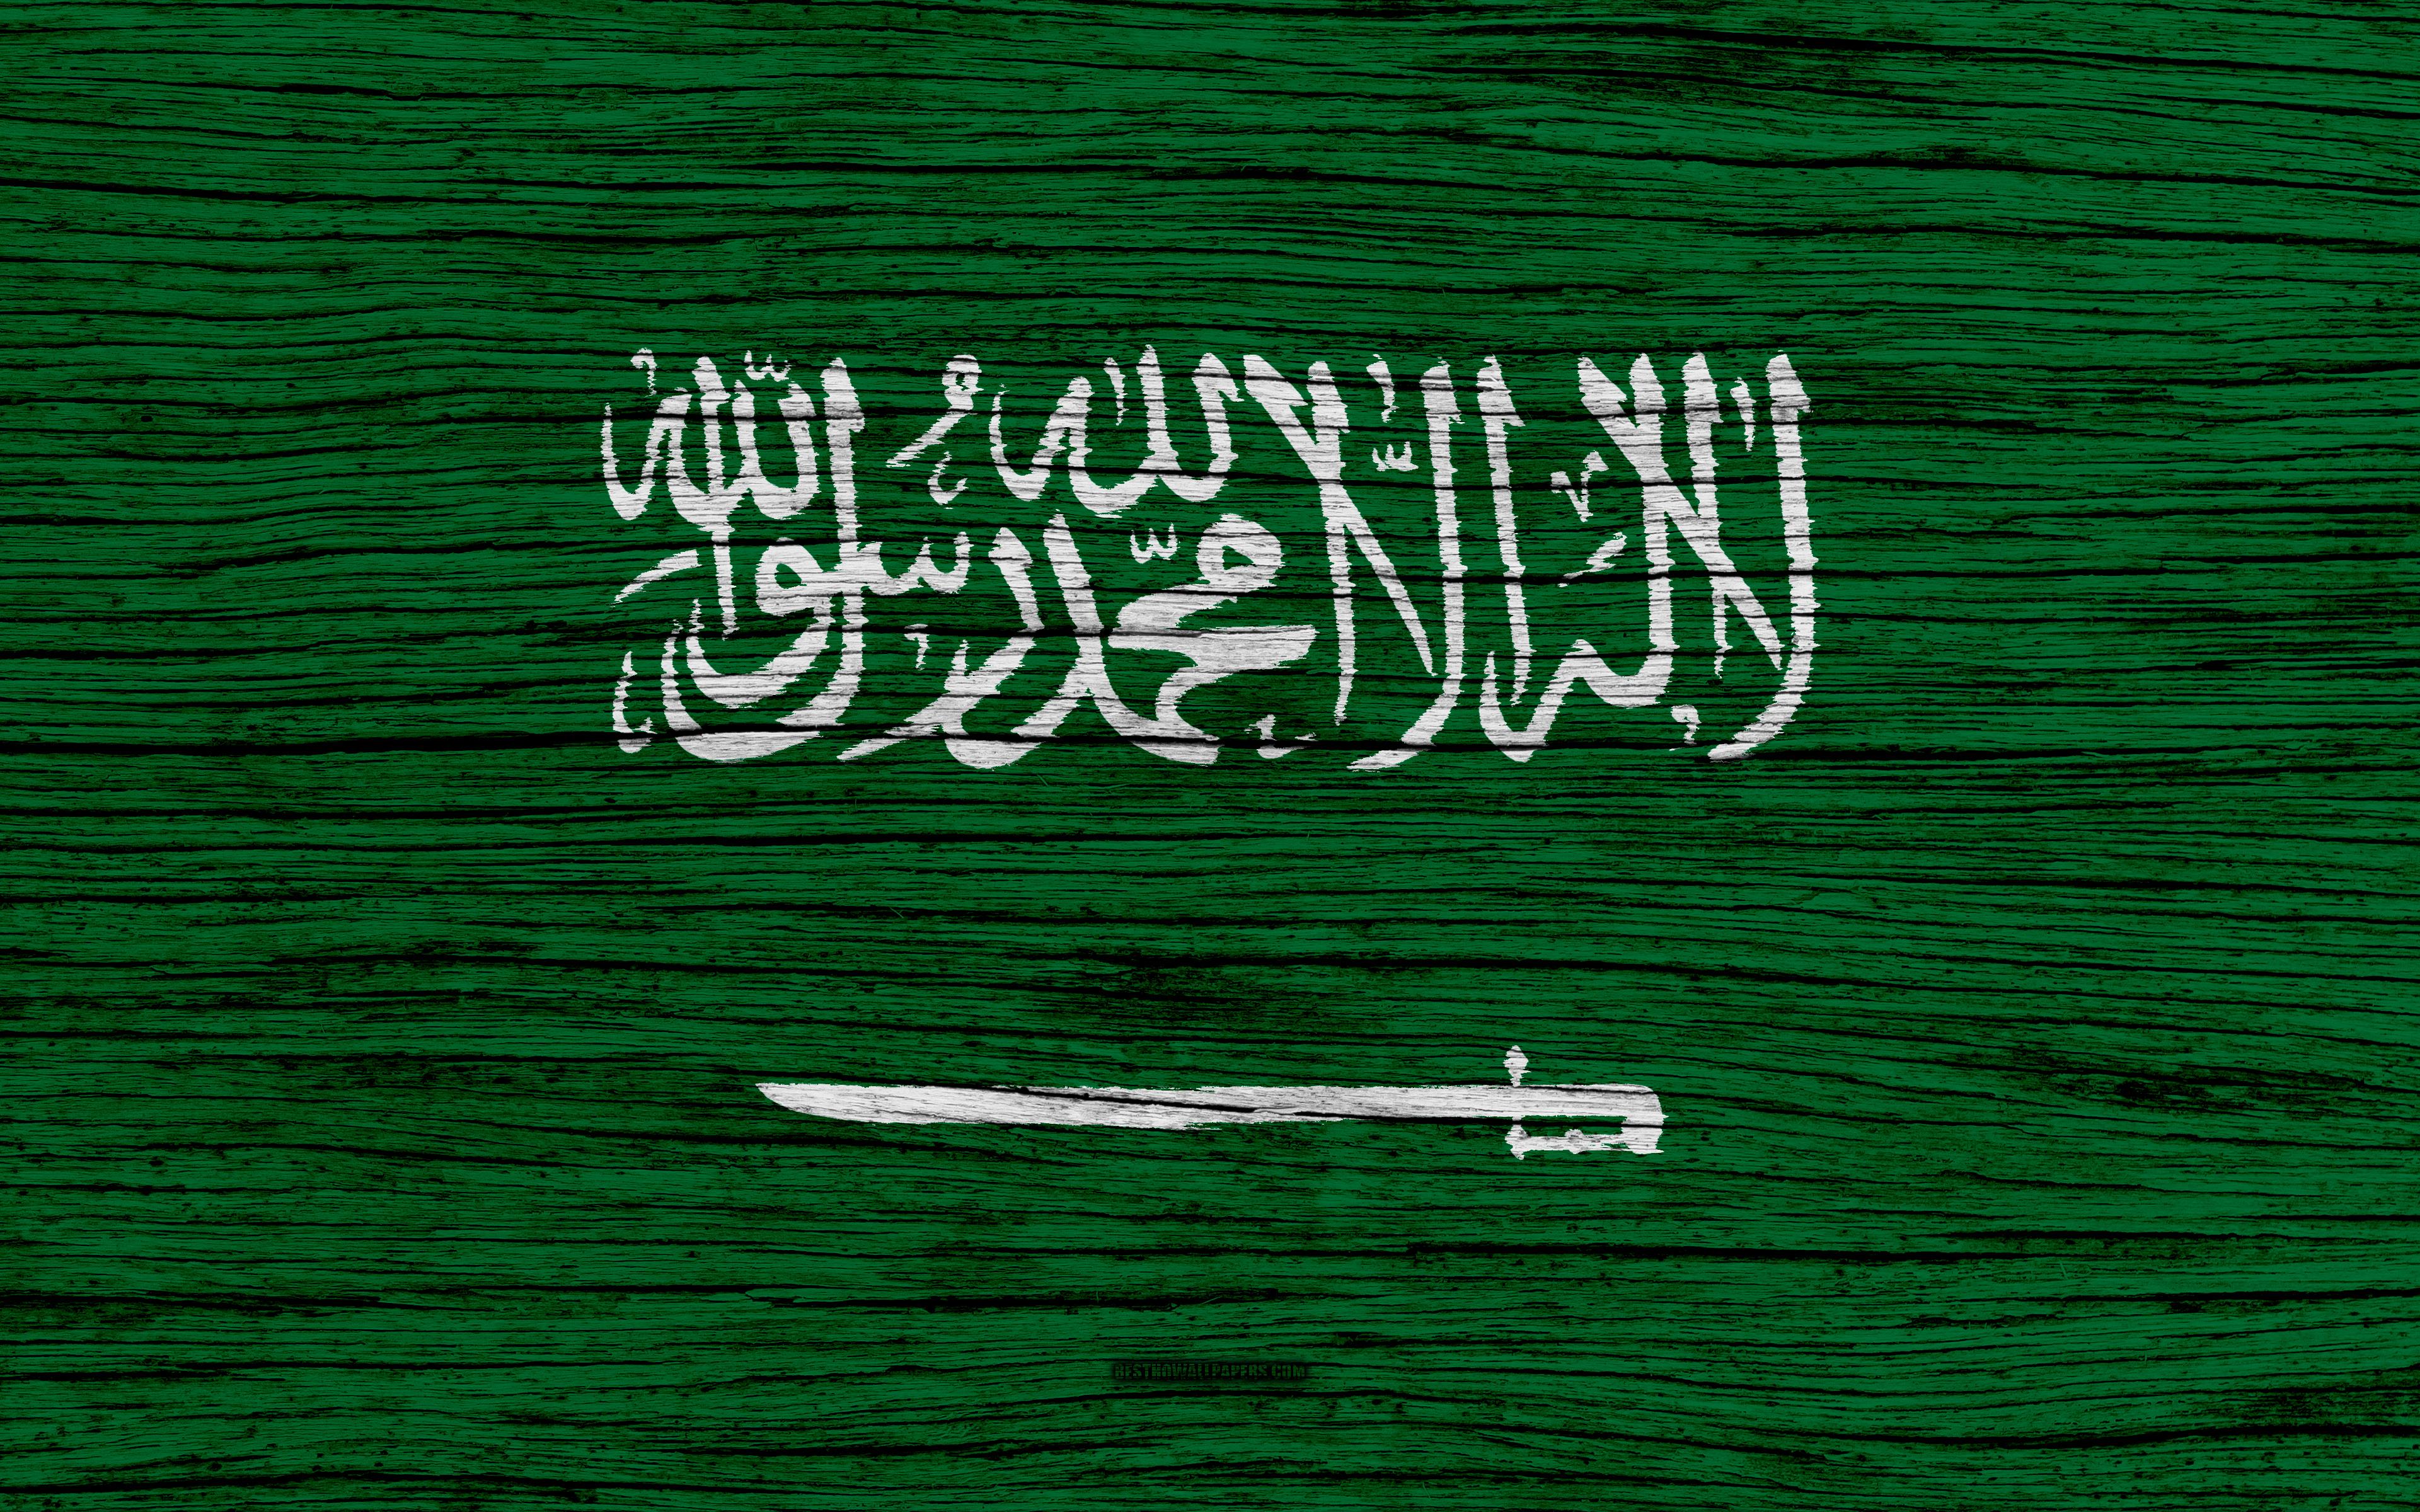 صور علم السعودية , خلفيات علم السعودية , خلفيات العلم السعودي , flag of Saudi Arabia